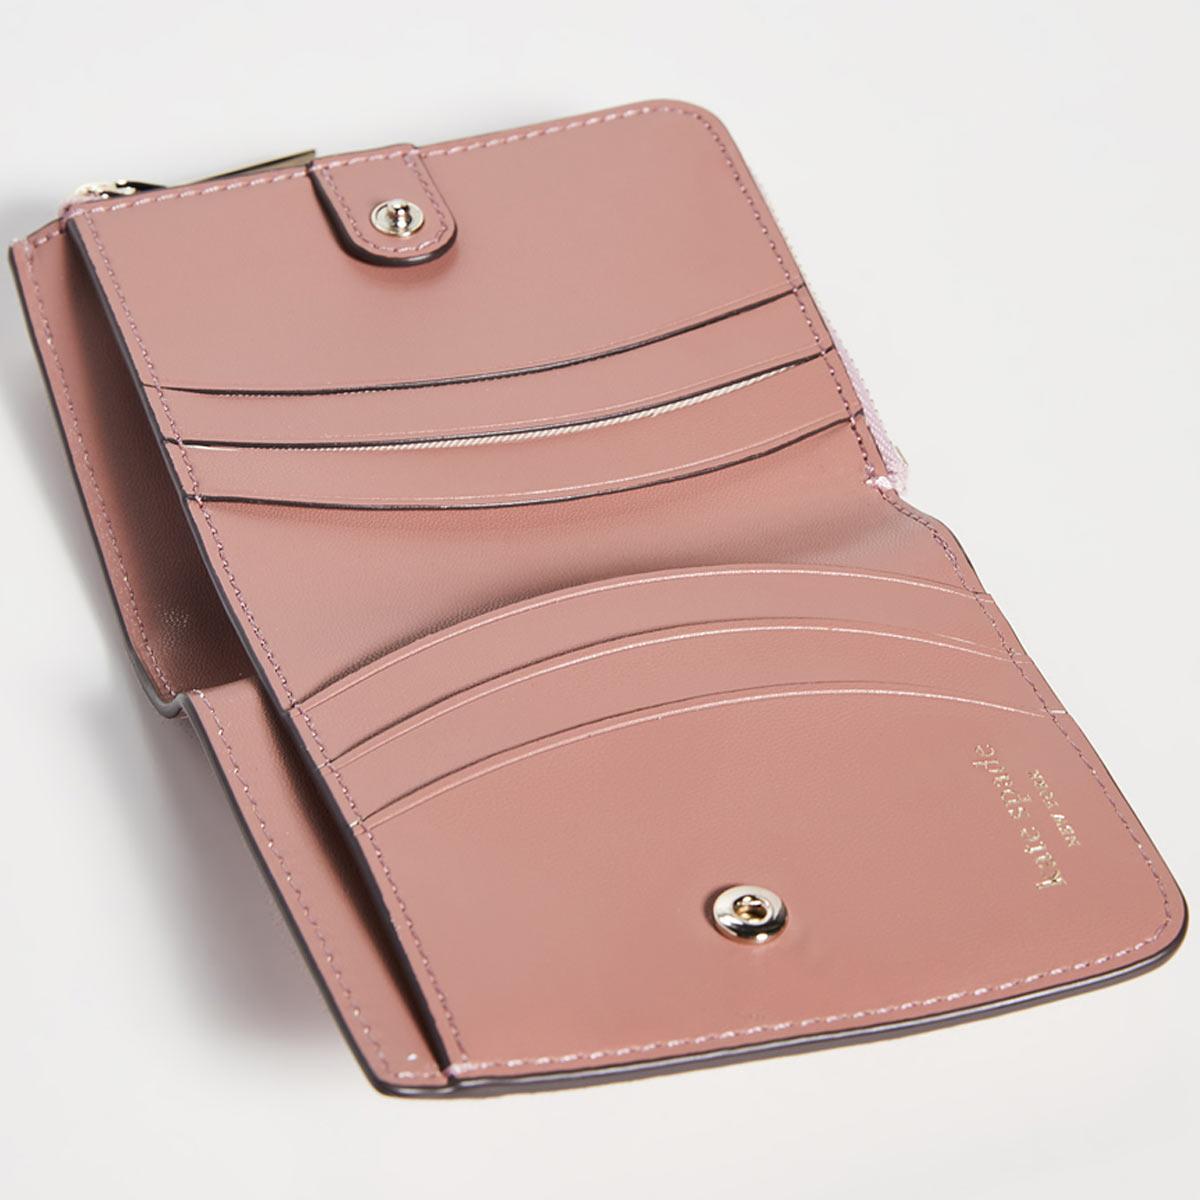 ケイトスペード 財布 二つ折り財布 ミニ財布 折財布 ピンク グリッター レディース ブランド KATE SPADE NEW YORK